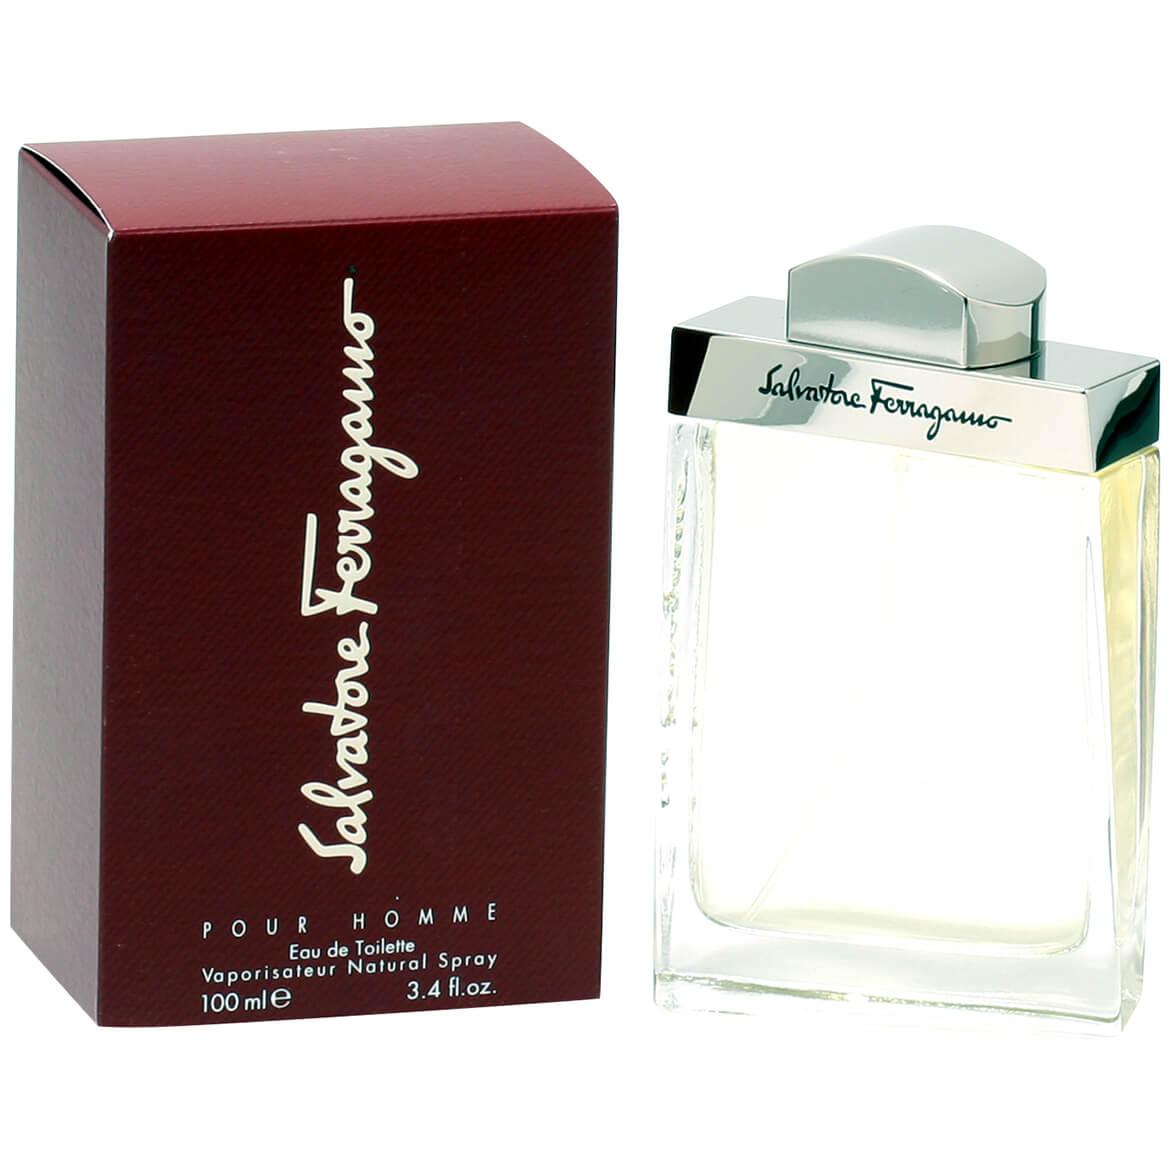 Salvatore Ferragamo for Men EDT, 3.4 oz.-366886